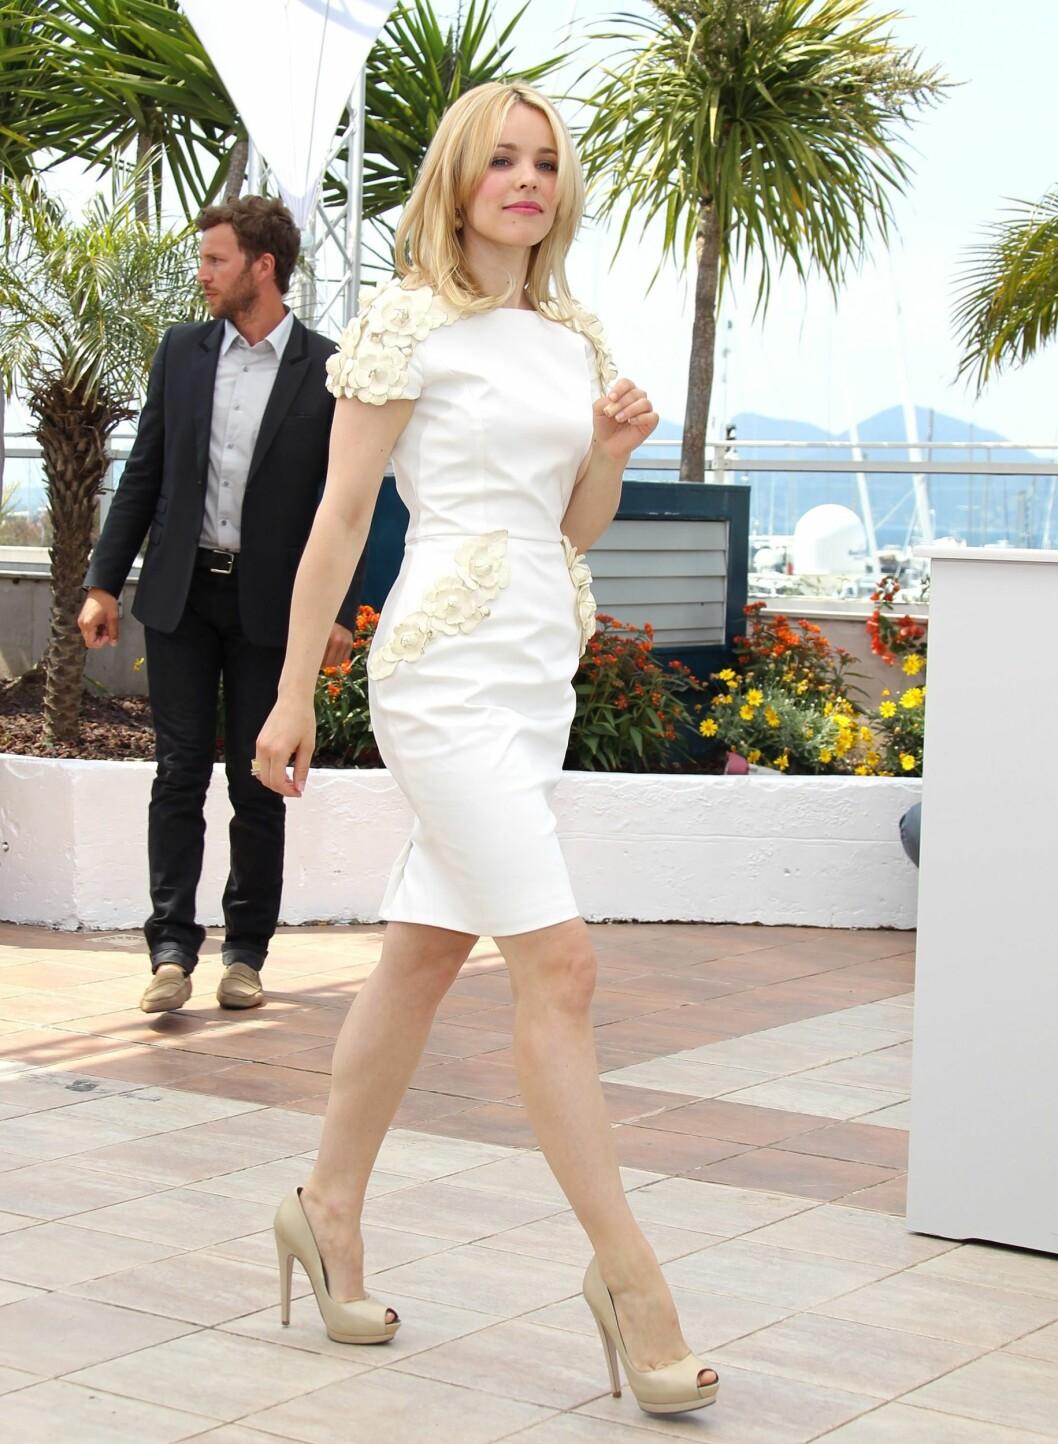 Rachel McAdams strålte også i hvitt under fotoshooten i Cannes. Hennes knelange Maxime Simoens-kjole med blomsterdekorasjoner falt også i smak hos fotografene. De nude peeptoe-skoene forlenger skuespillerens legger.  Foto: All Over Press